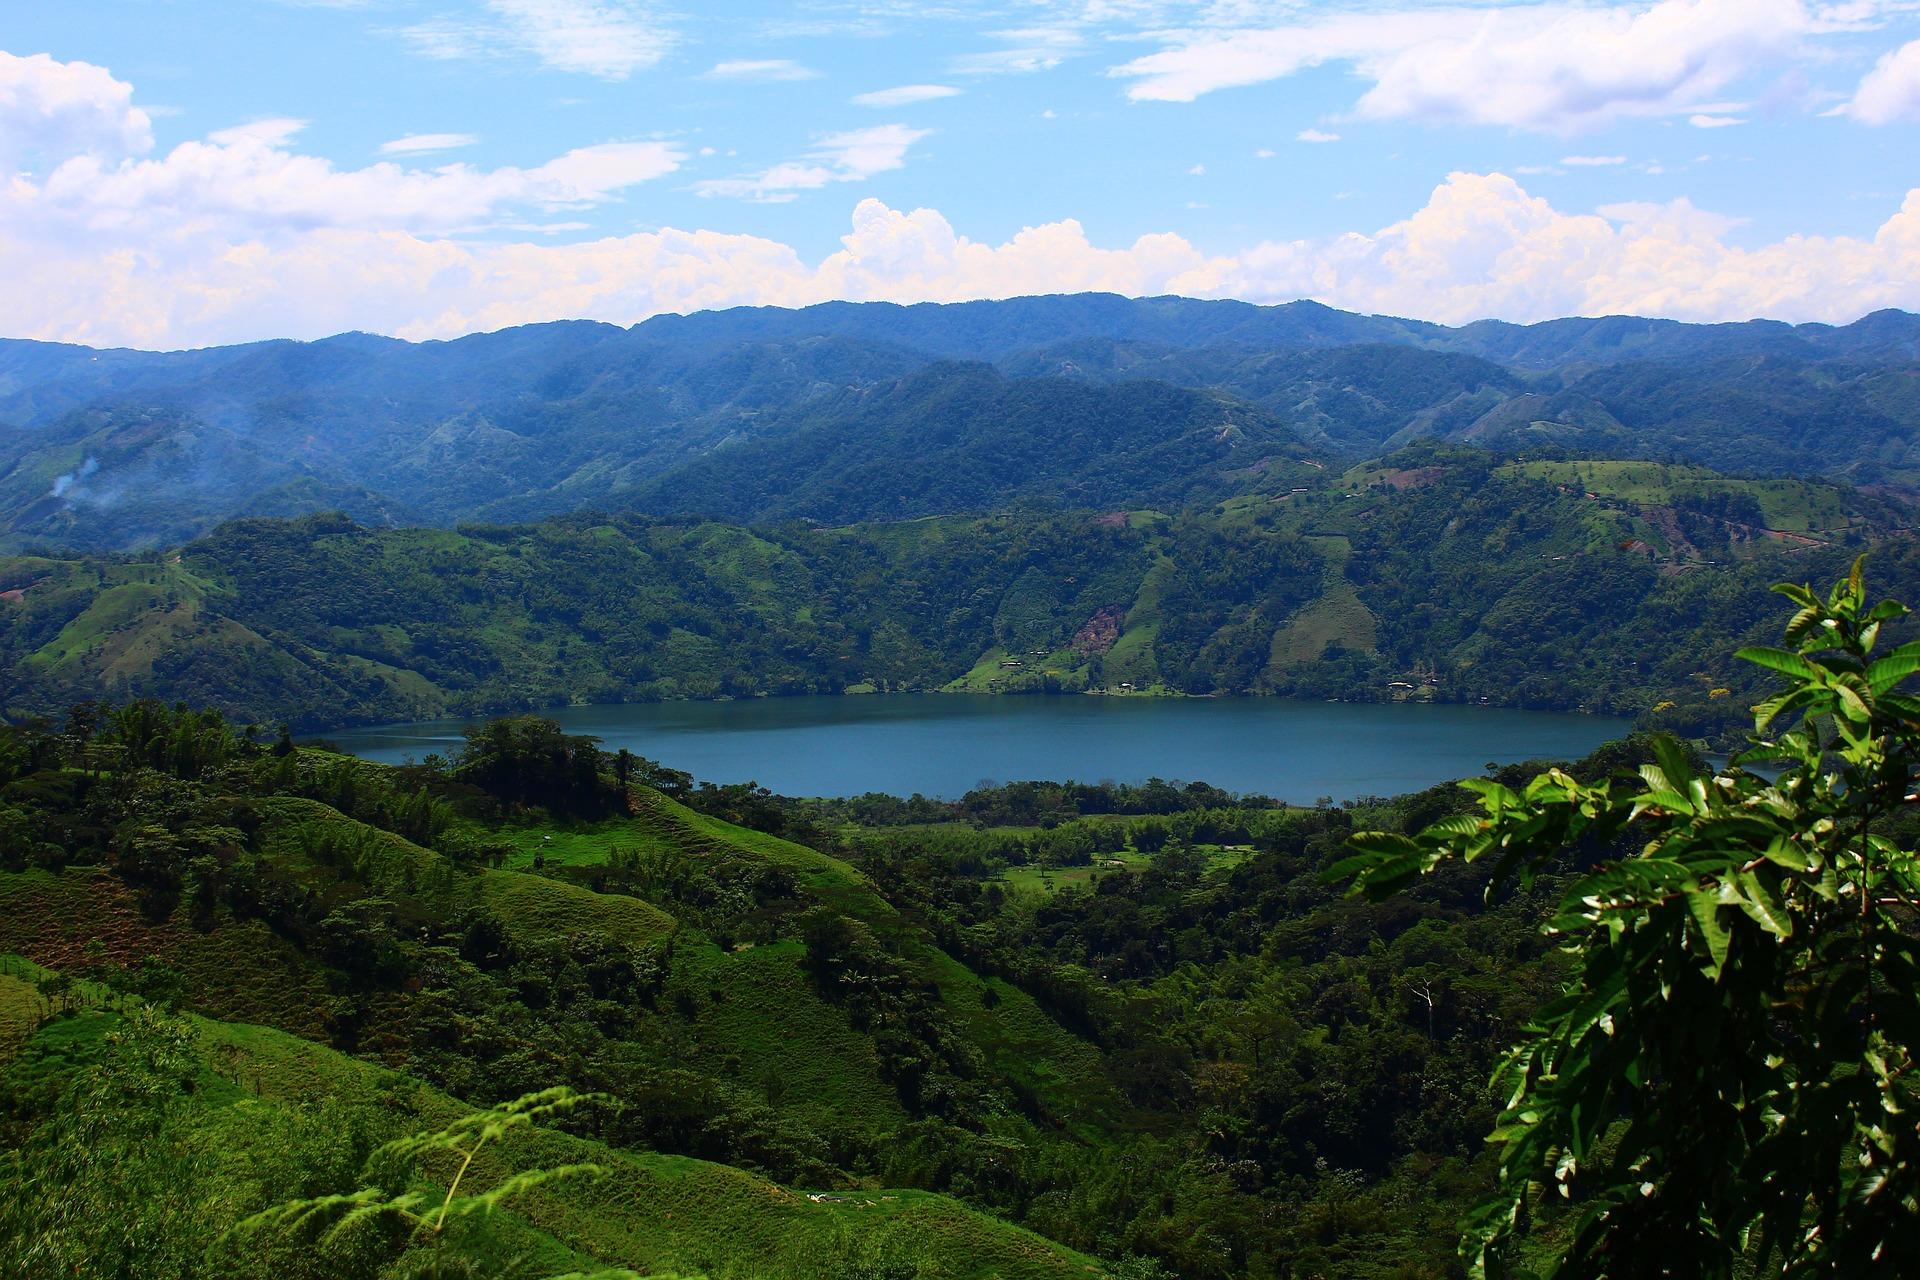 turismo sostenible en colombia